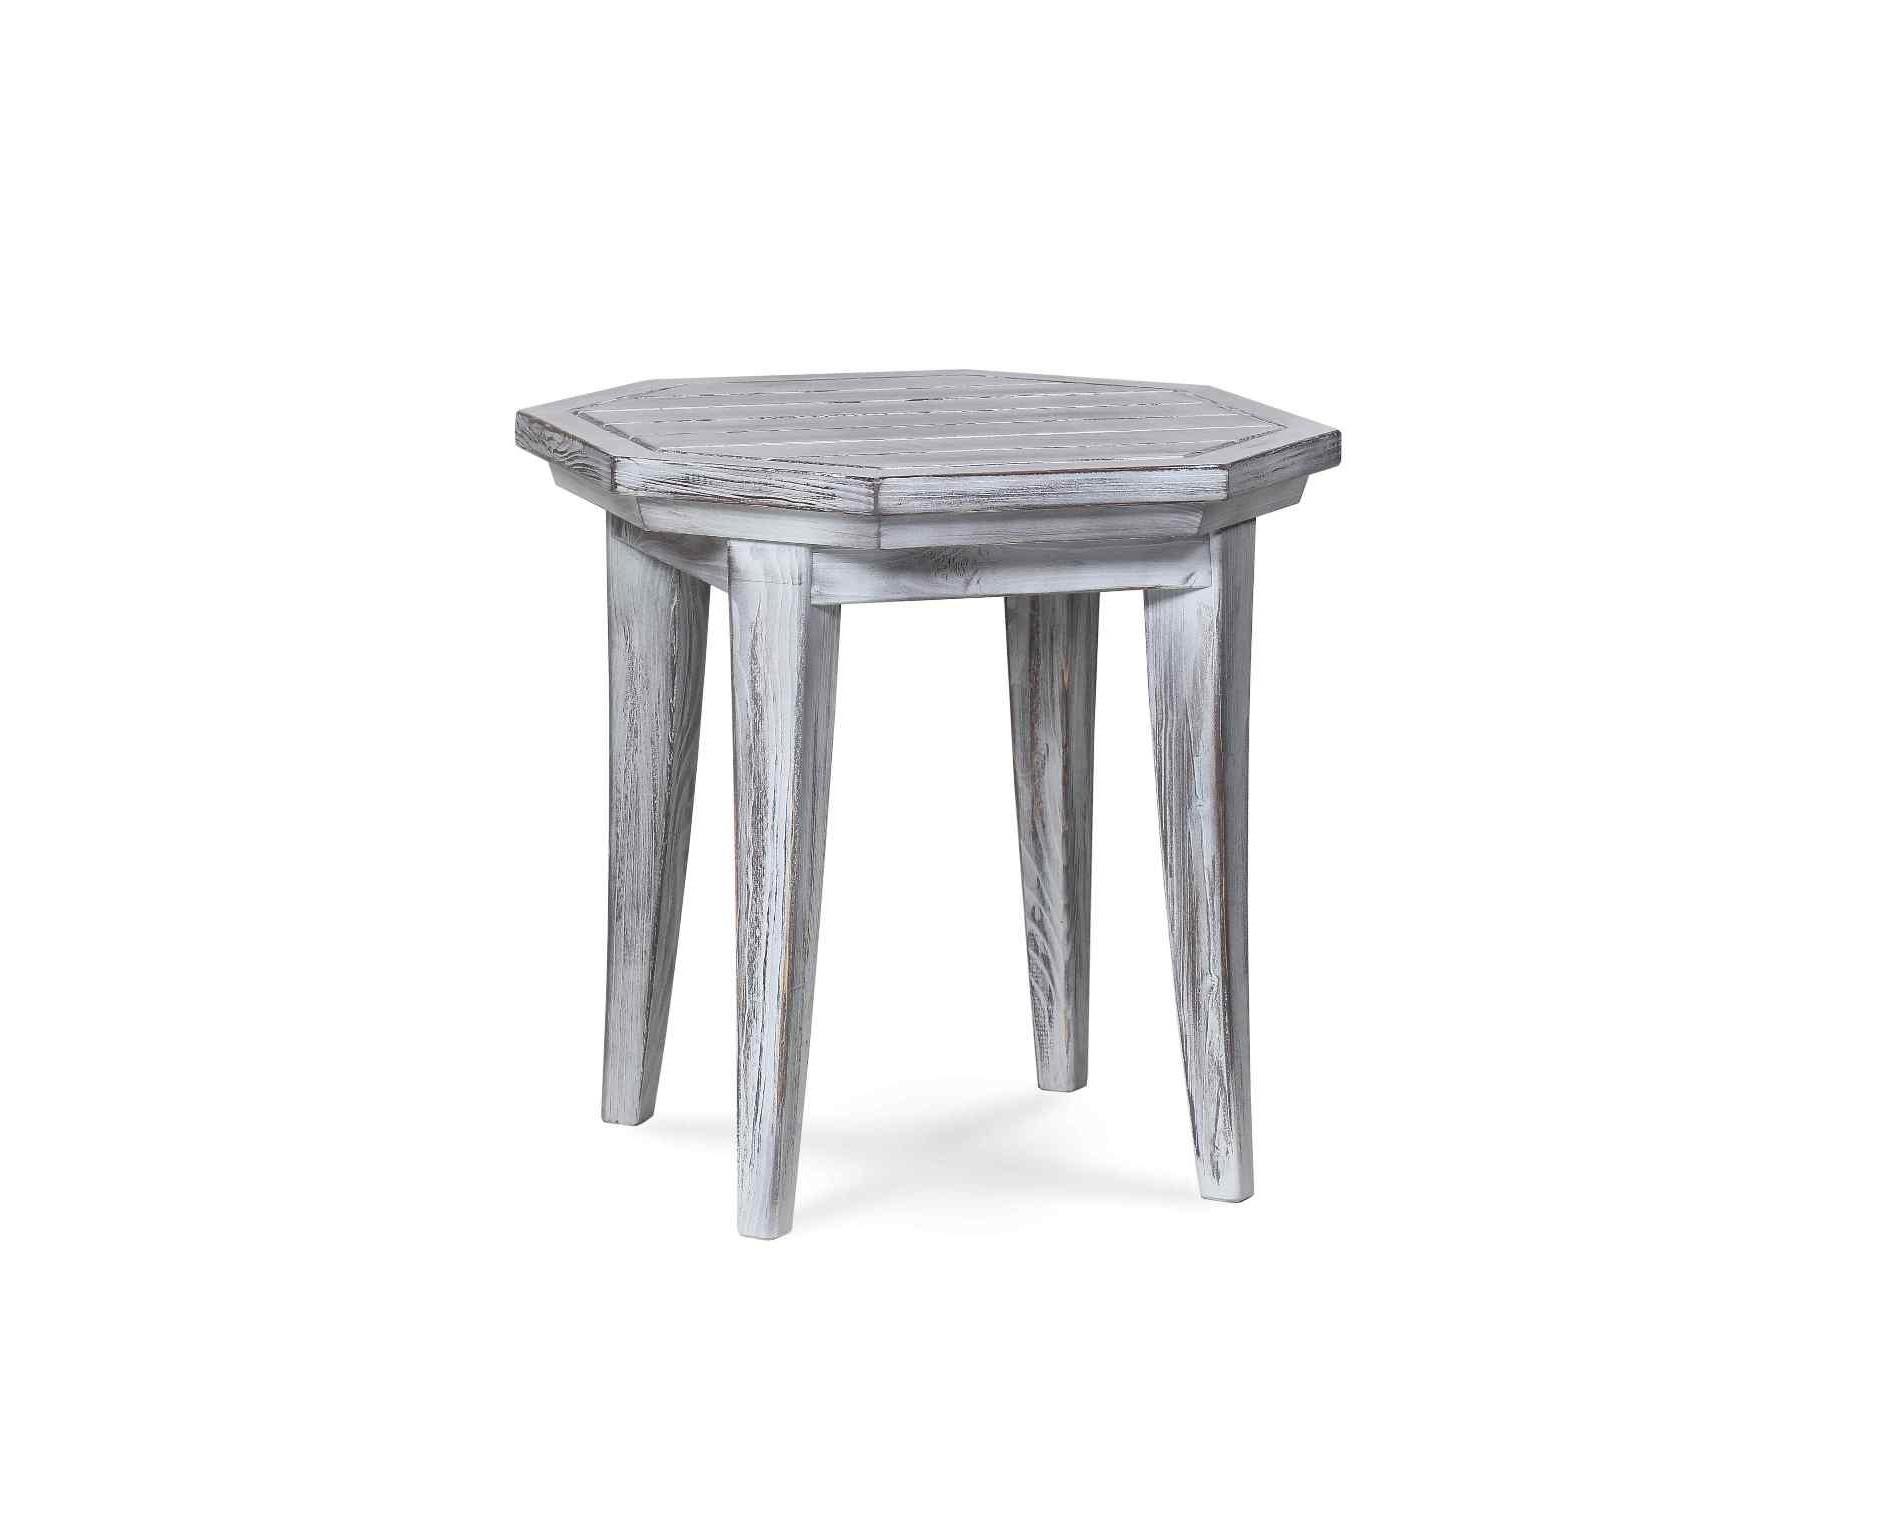 Стол ВенецияСтолы и столики для сада<br>Изделие из натуральной древесины.<br><br>Material: Дерево<br>Ширина см: 62<br>Высота см: 60<br>Глубина см: 62